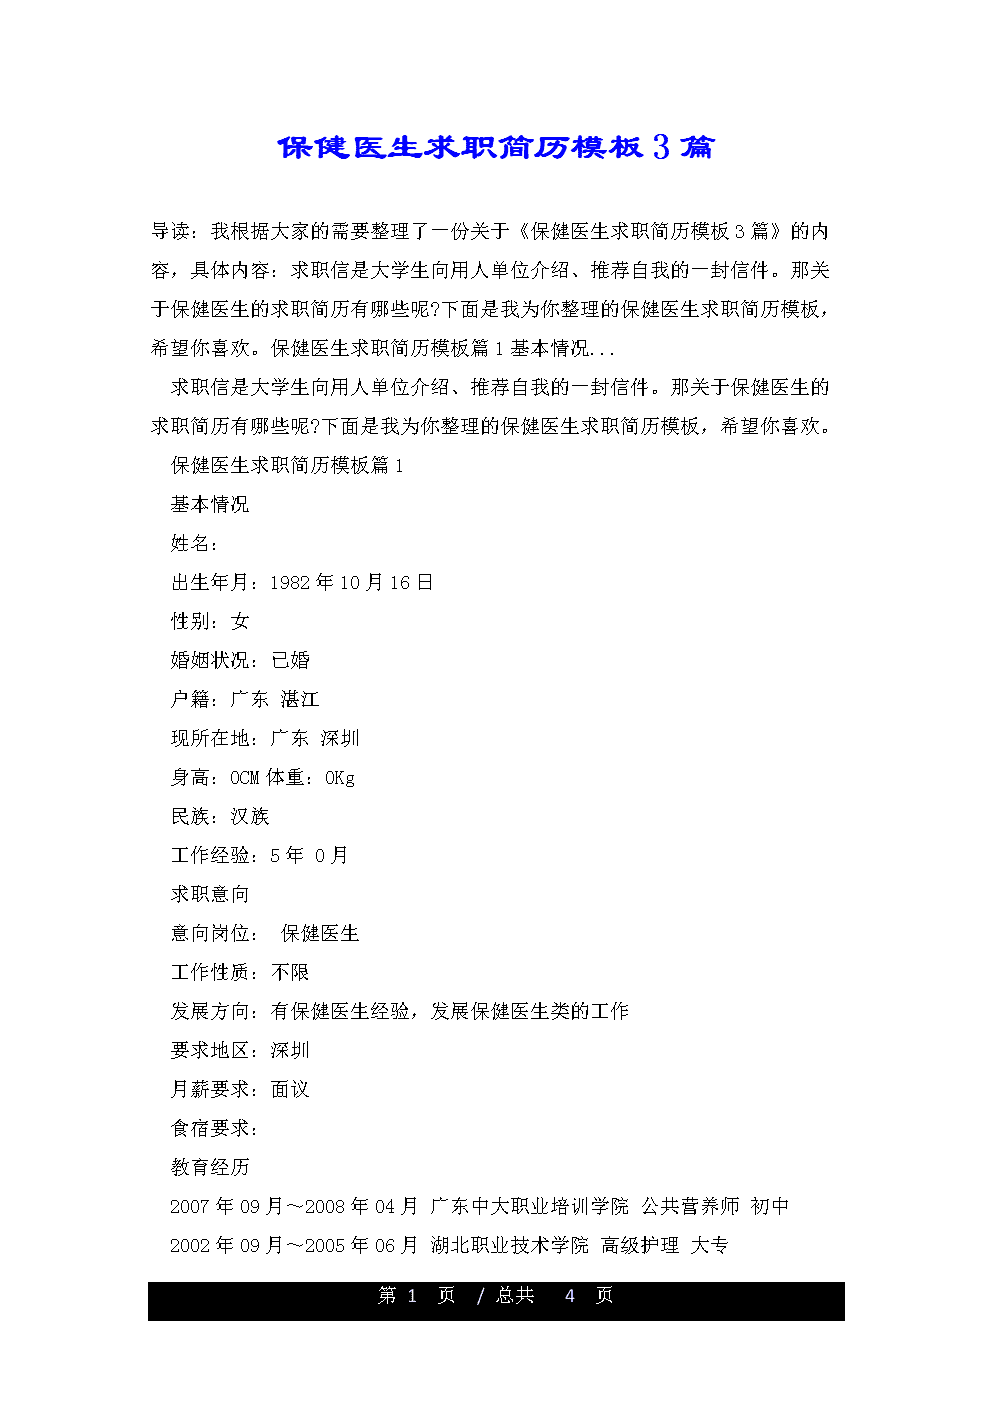 保健医生求职简历模板3篇.doc